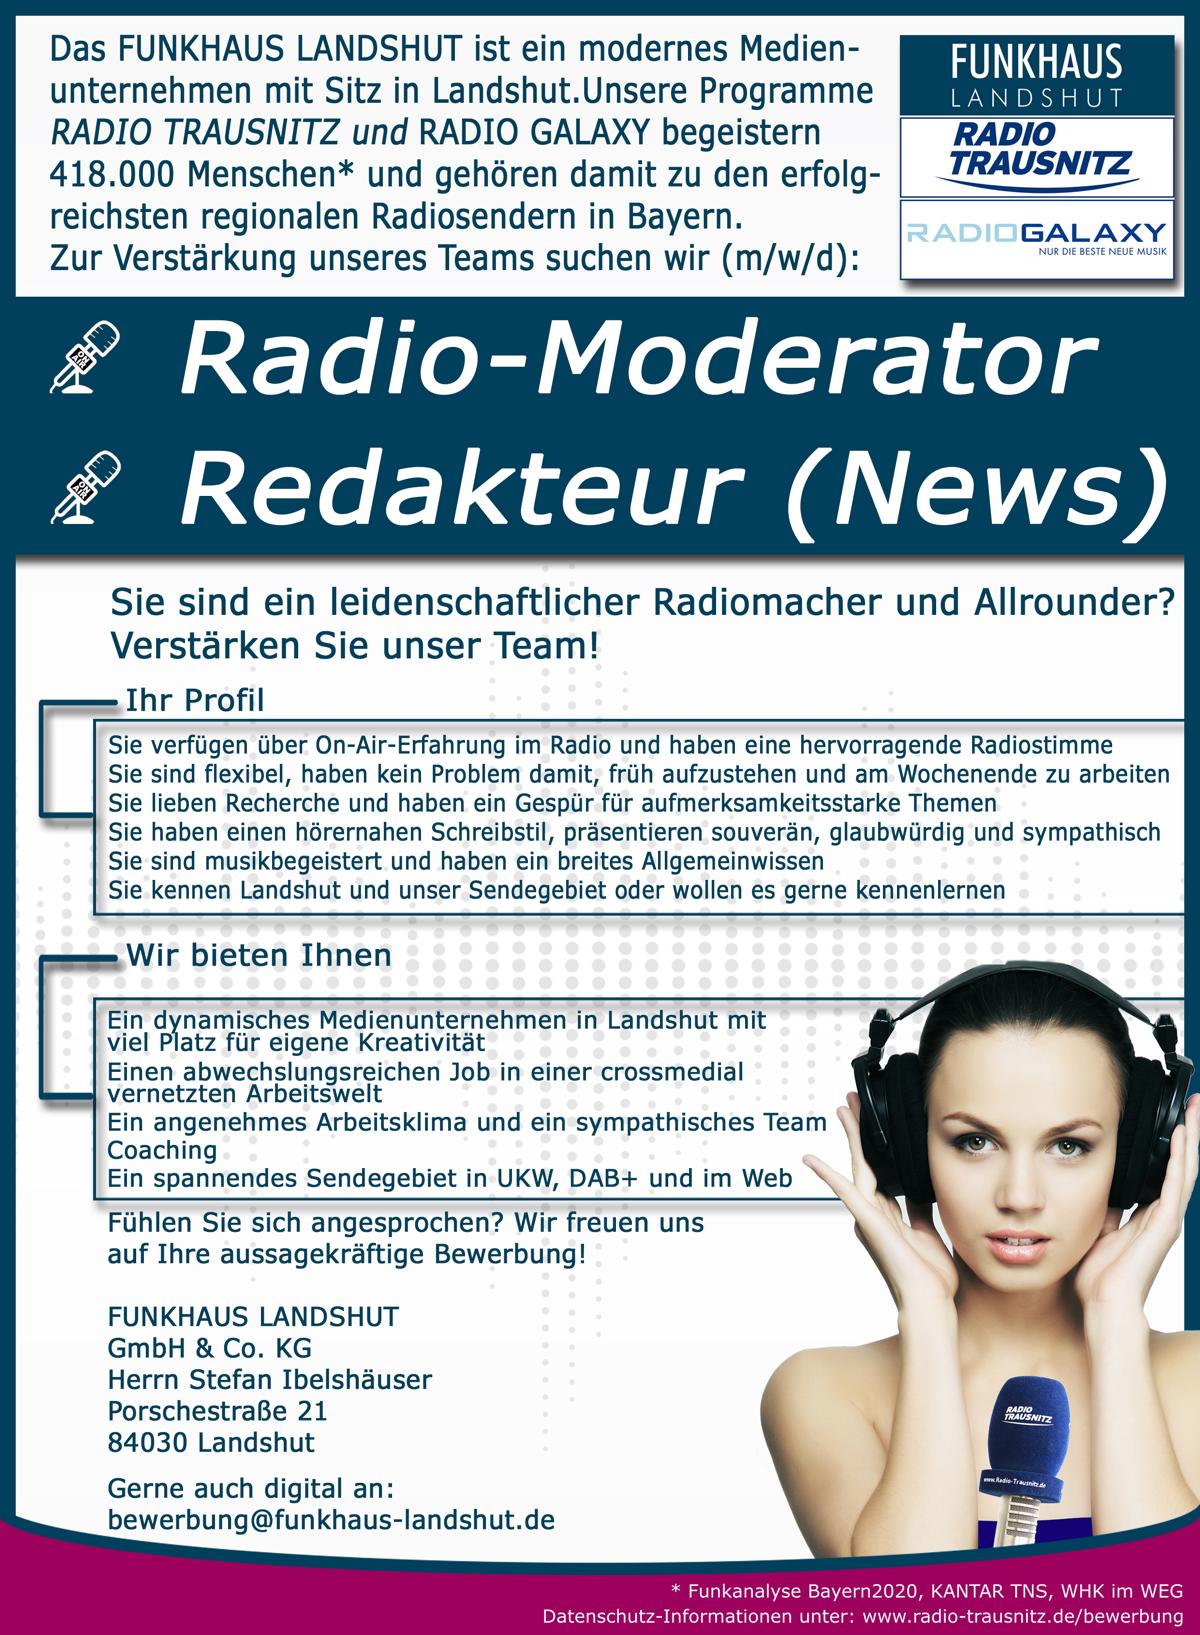 Funkhaus Landshut sucht Radio-Moderator, Redakteur (News) (m/w/d)